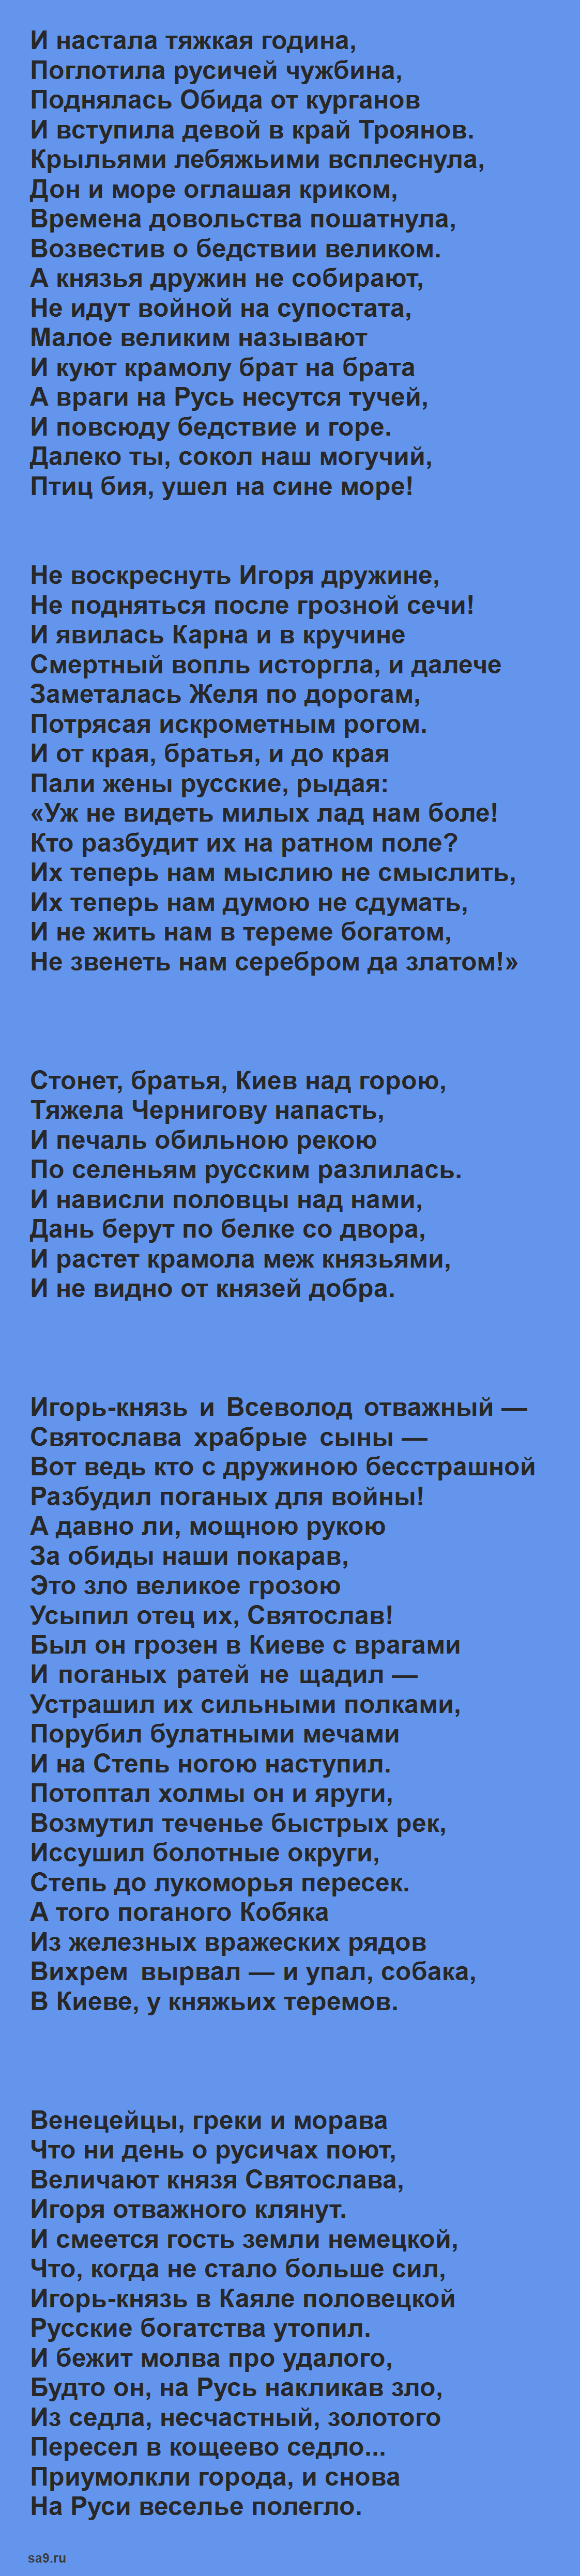 Читать полностью сказку Жуковского - Слово о полку Игореве